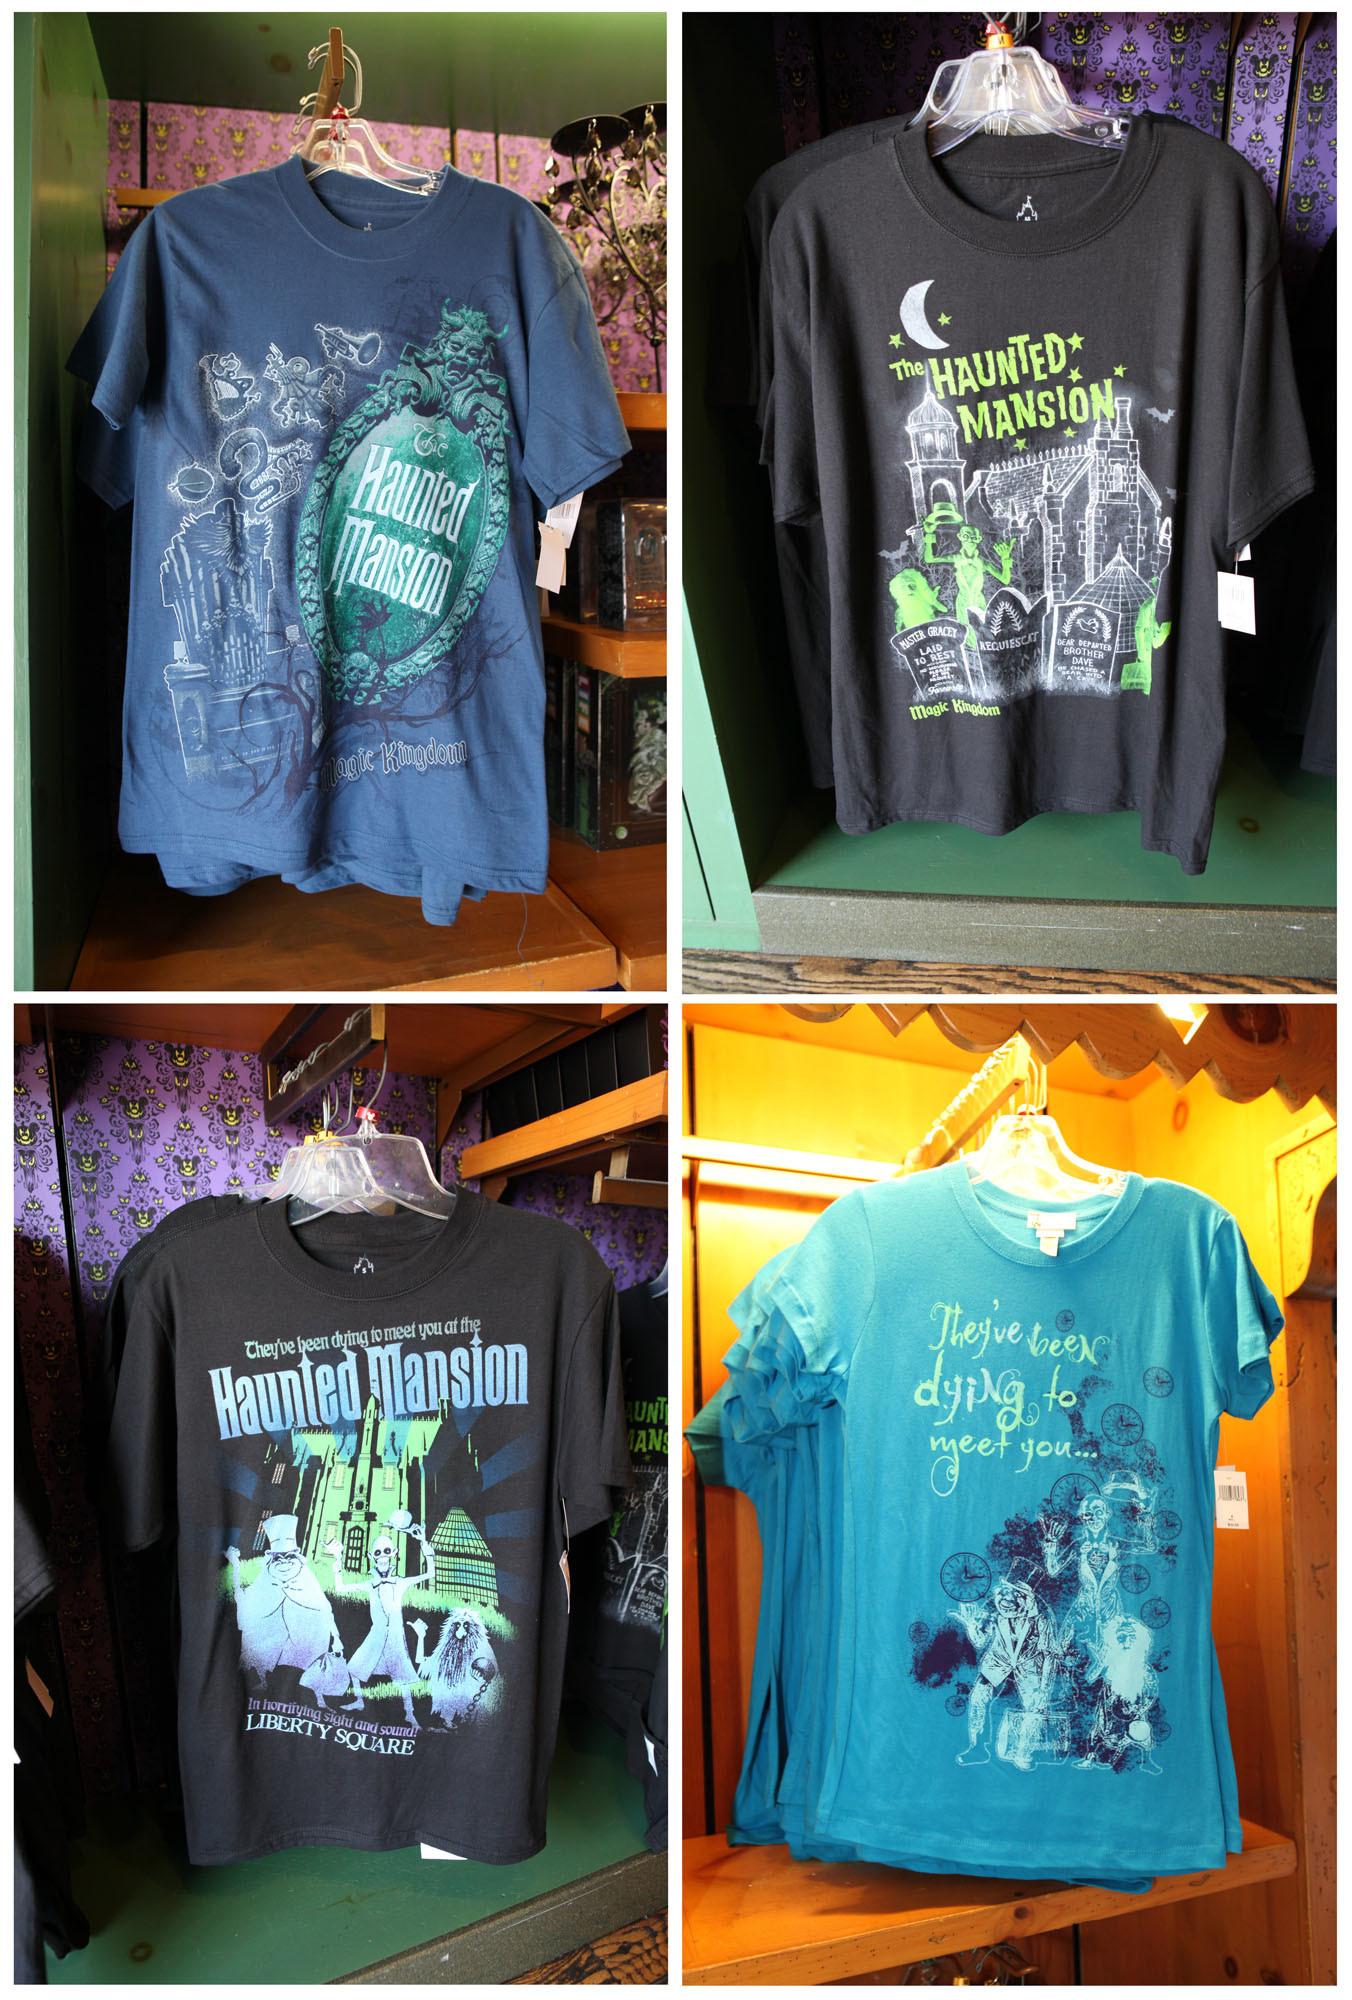 02_ParksBlog_HMTakeOver_Shirts